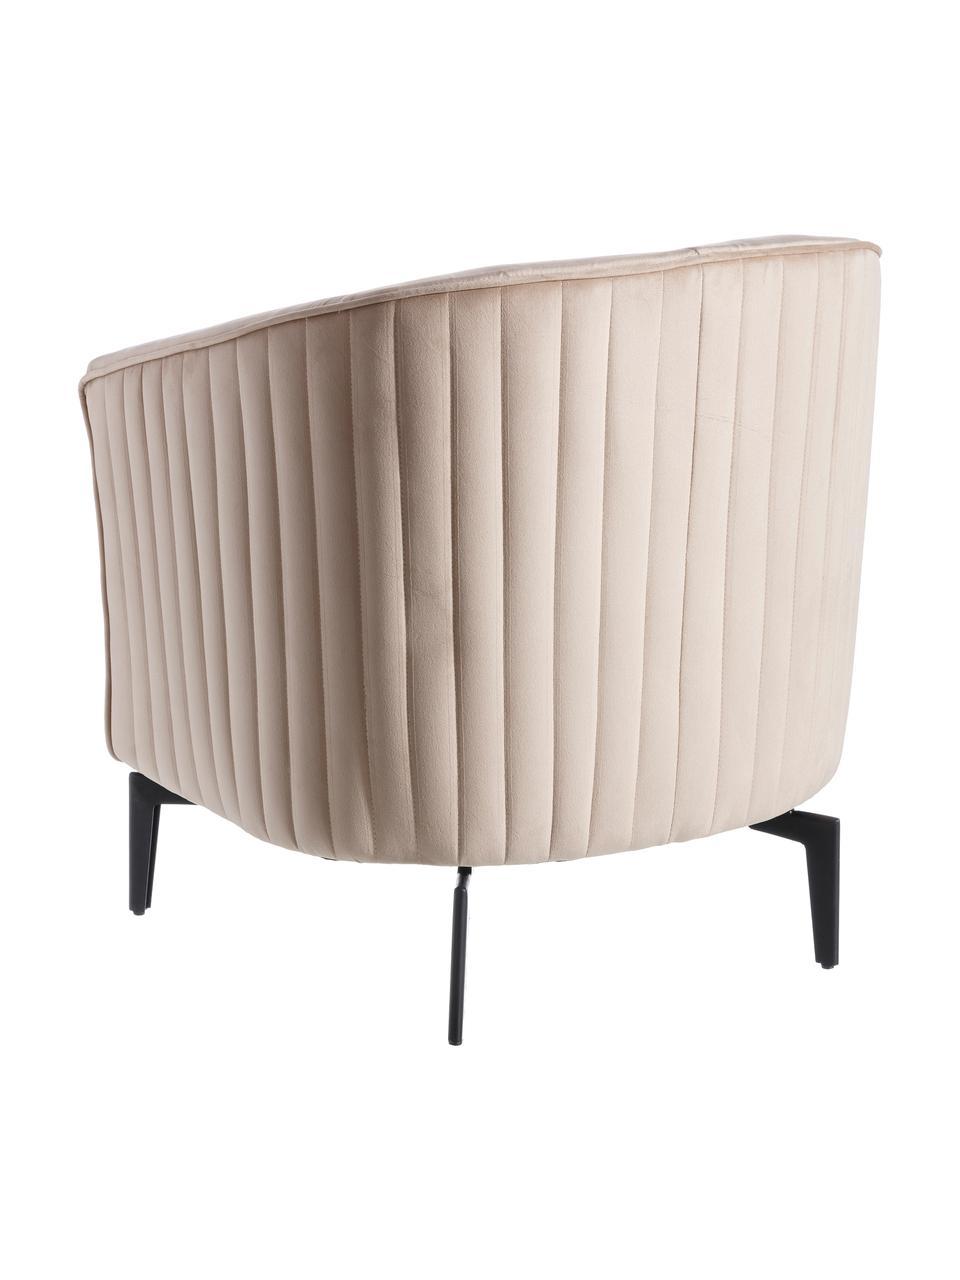 Fotel koktajlowy z aksamitu Babsy, Tapicerka: 100% aksamit poliestrowy,, Nogi: metal, Beżowy, S 62 x G 72 cm